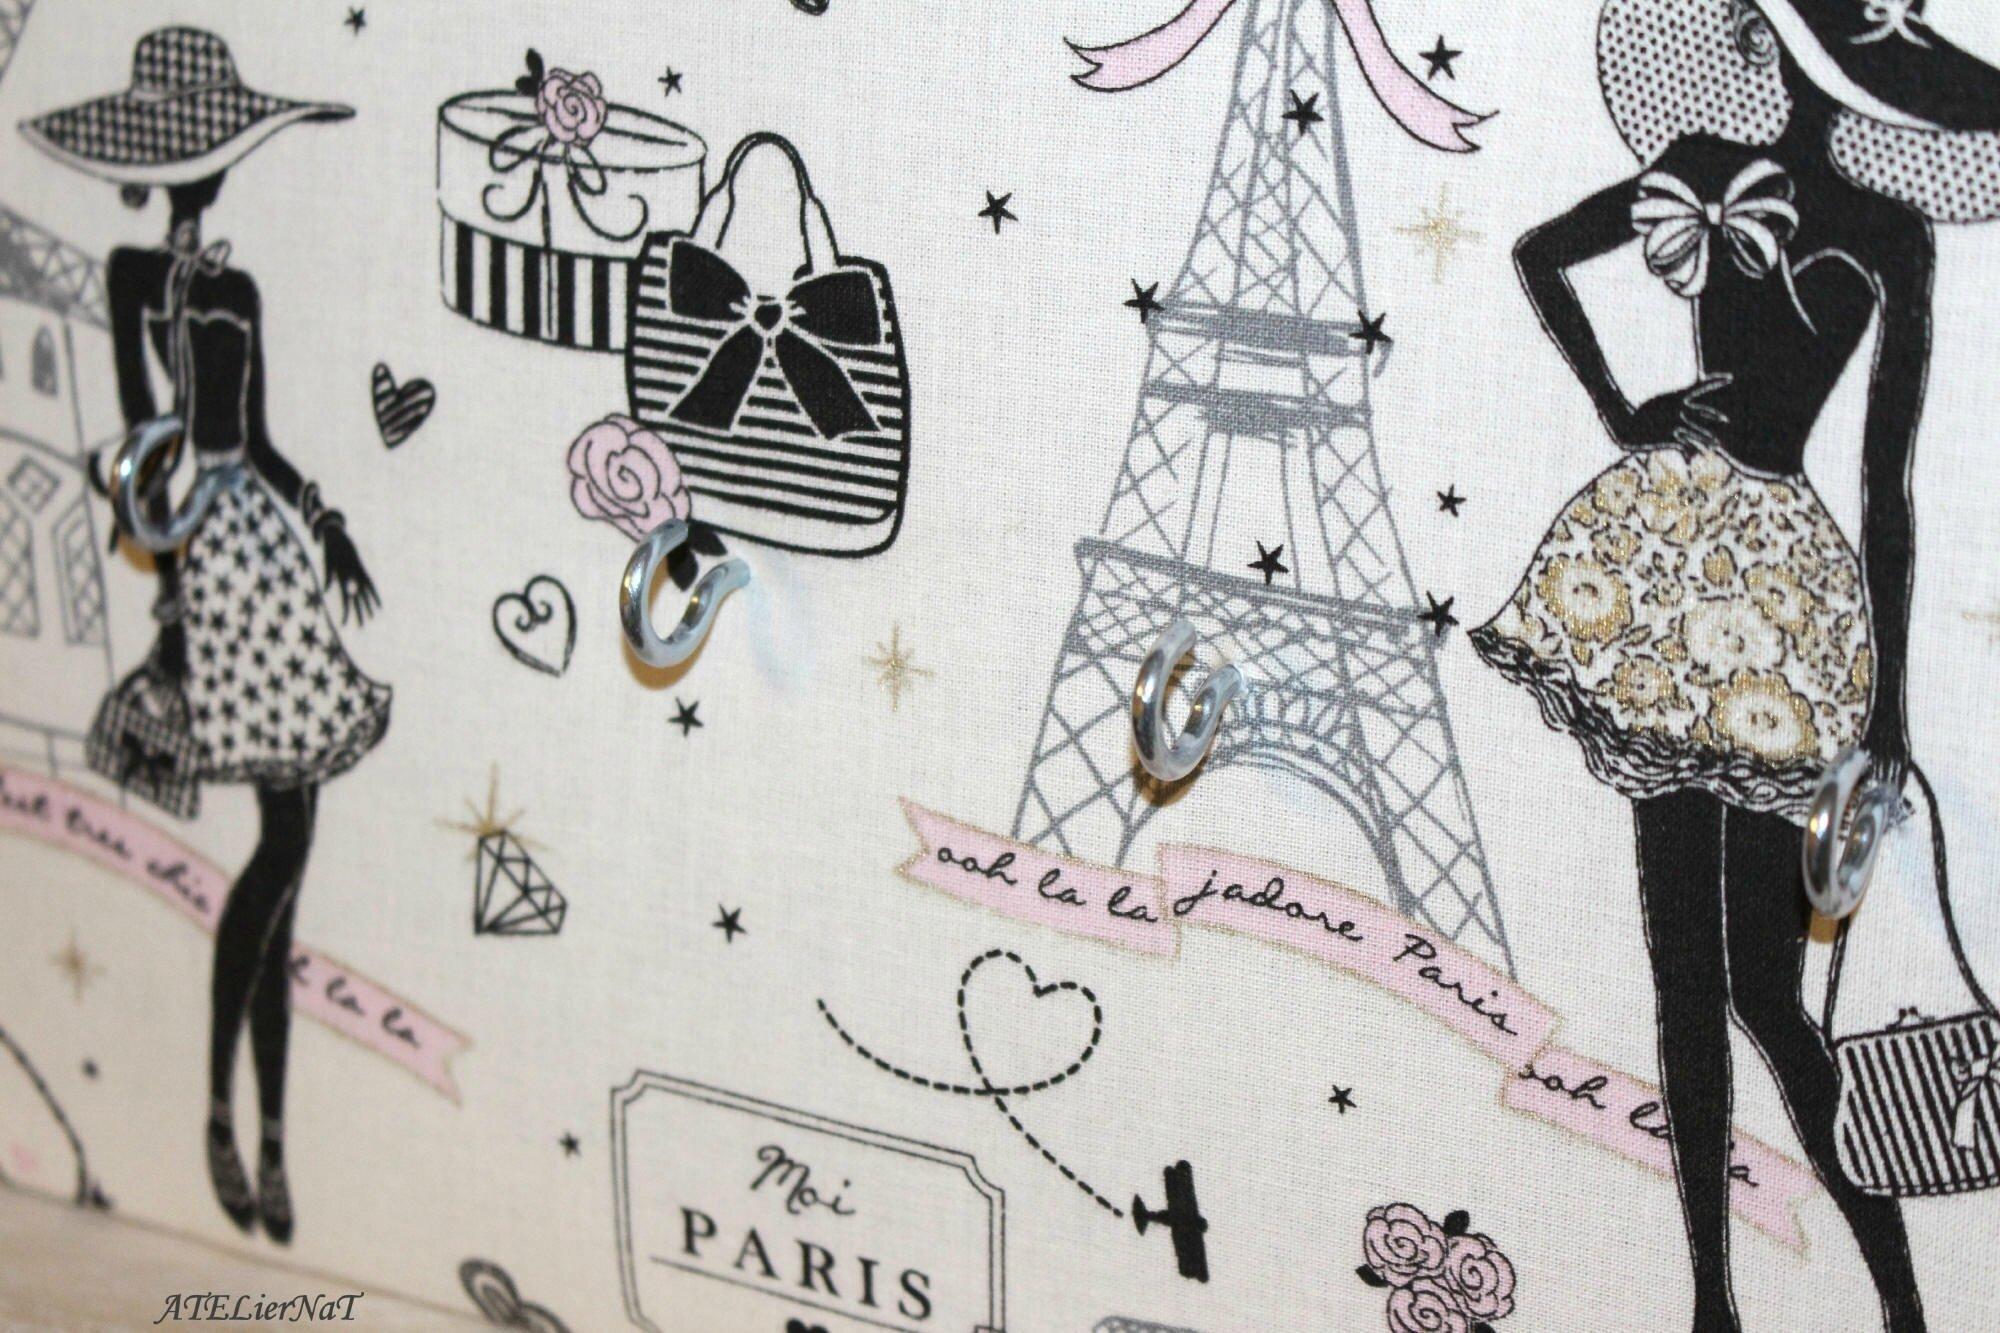 Porte-clé Paris blanc noir rose ruban noir7